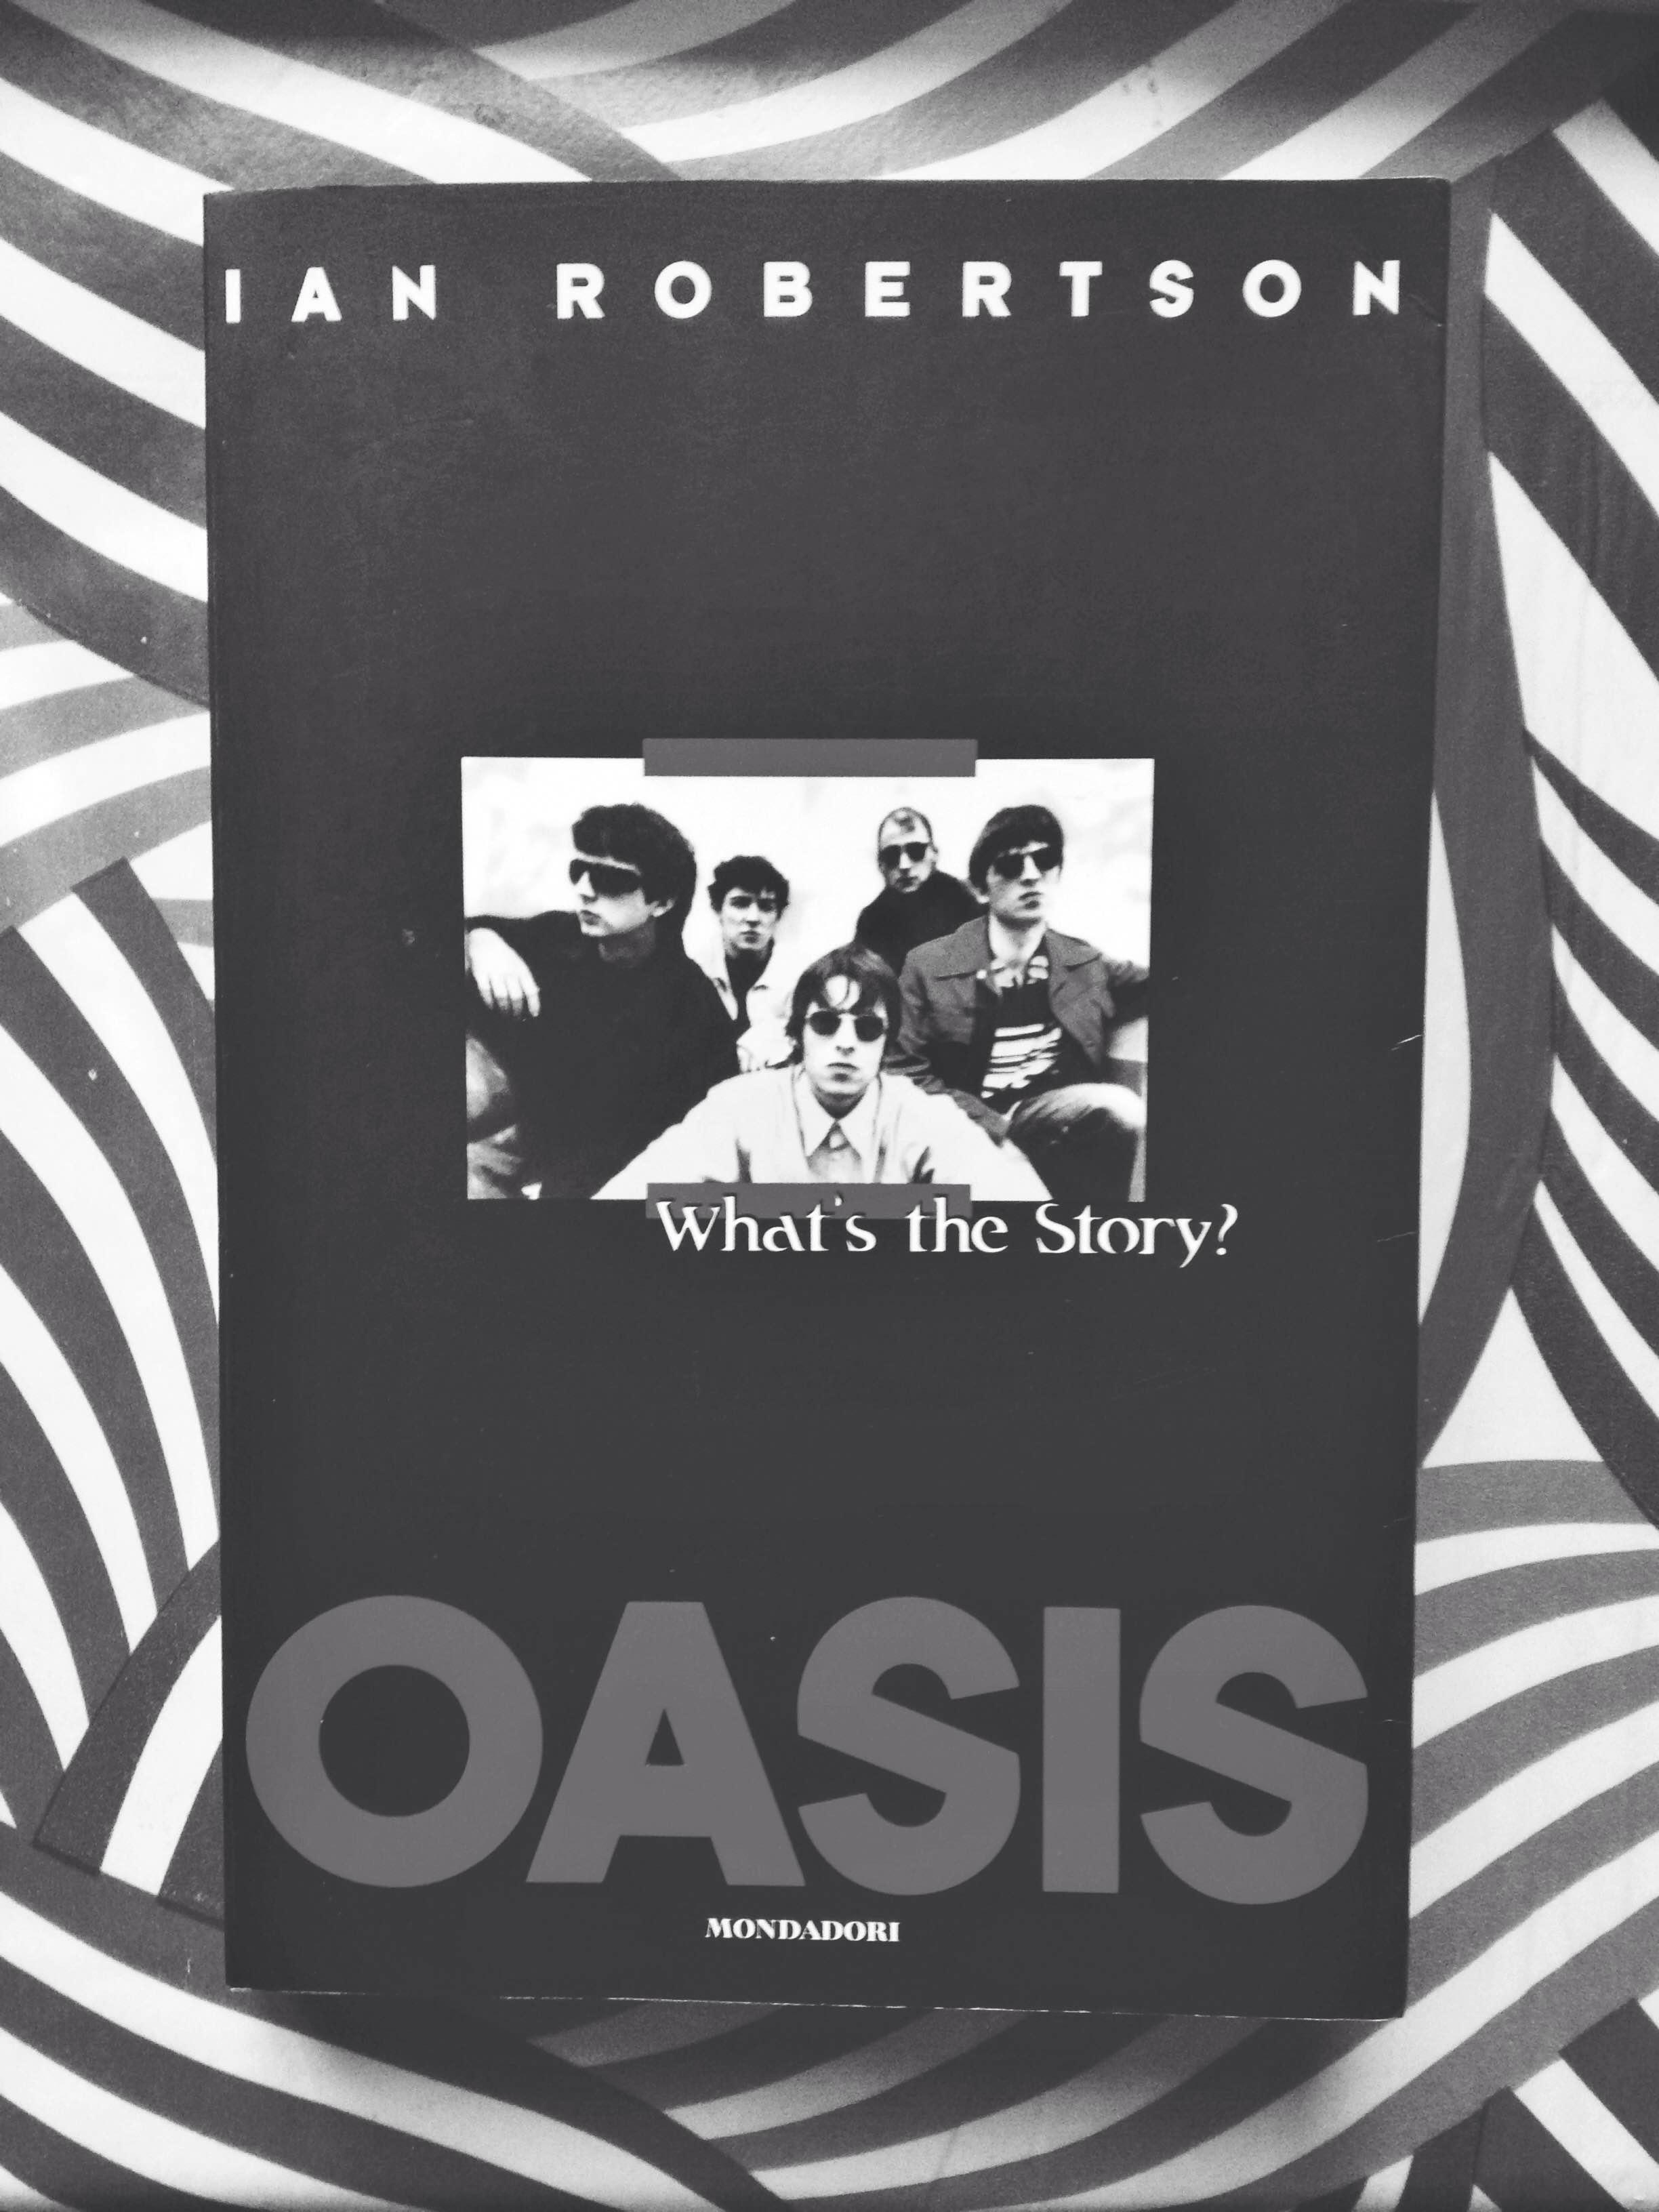 Oasis_Ian_Robertson